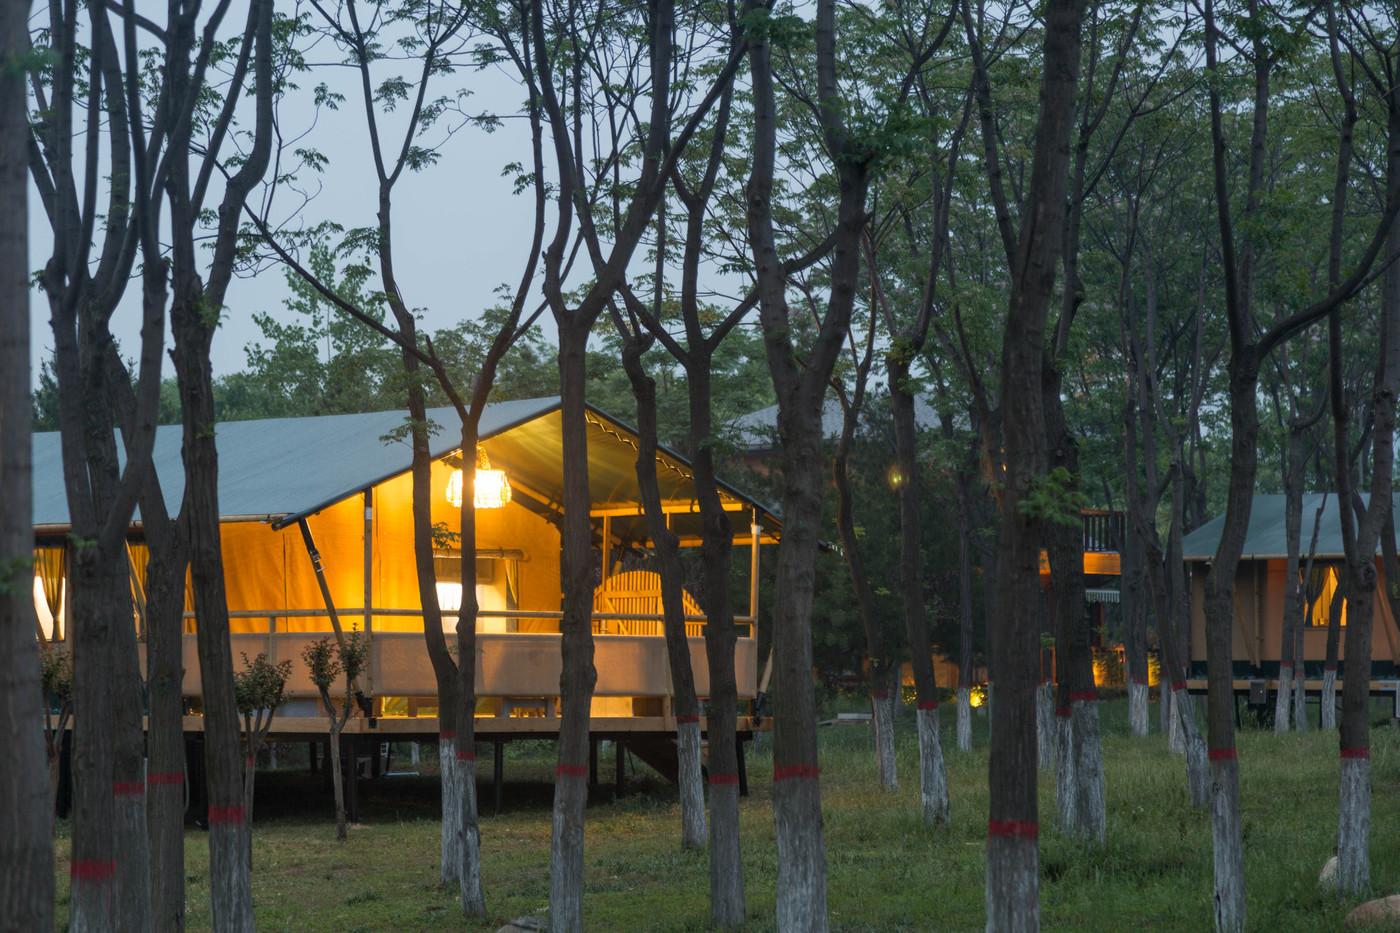 喜马拉雅野奢帐篷酒店—华山自驾游露营地(78平)13